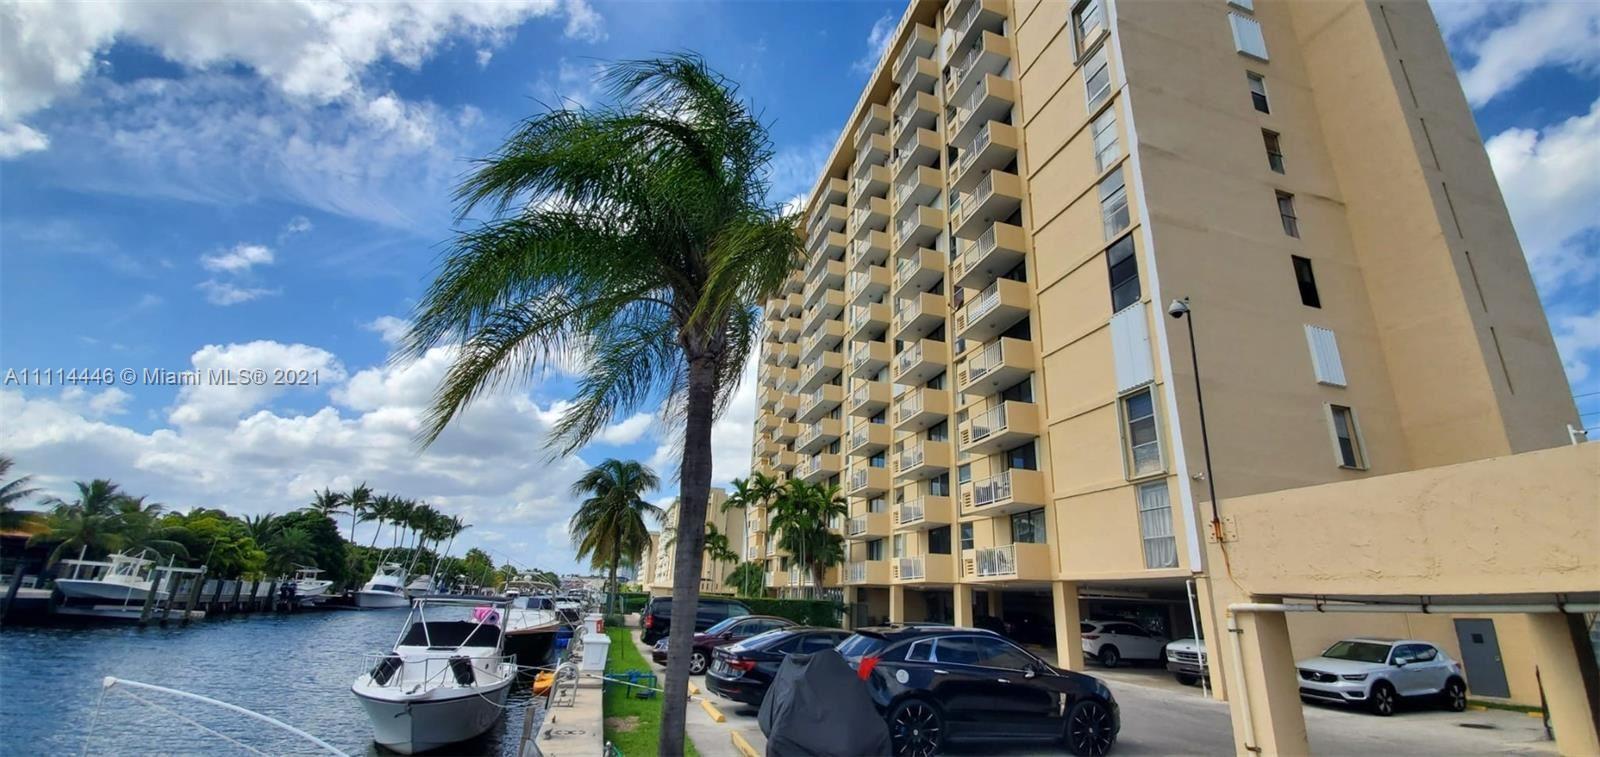 Photo of 2350 NE 135th St #1512, North Miami, FL 33181 (MLS # A11114446)